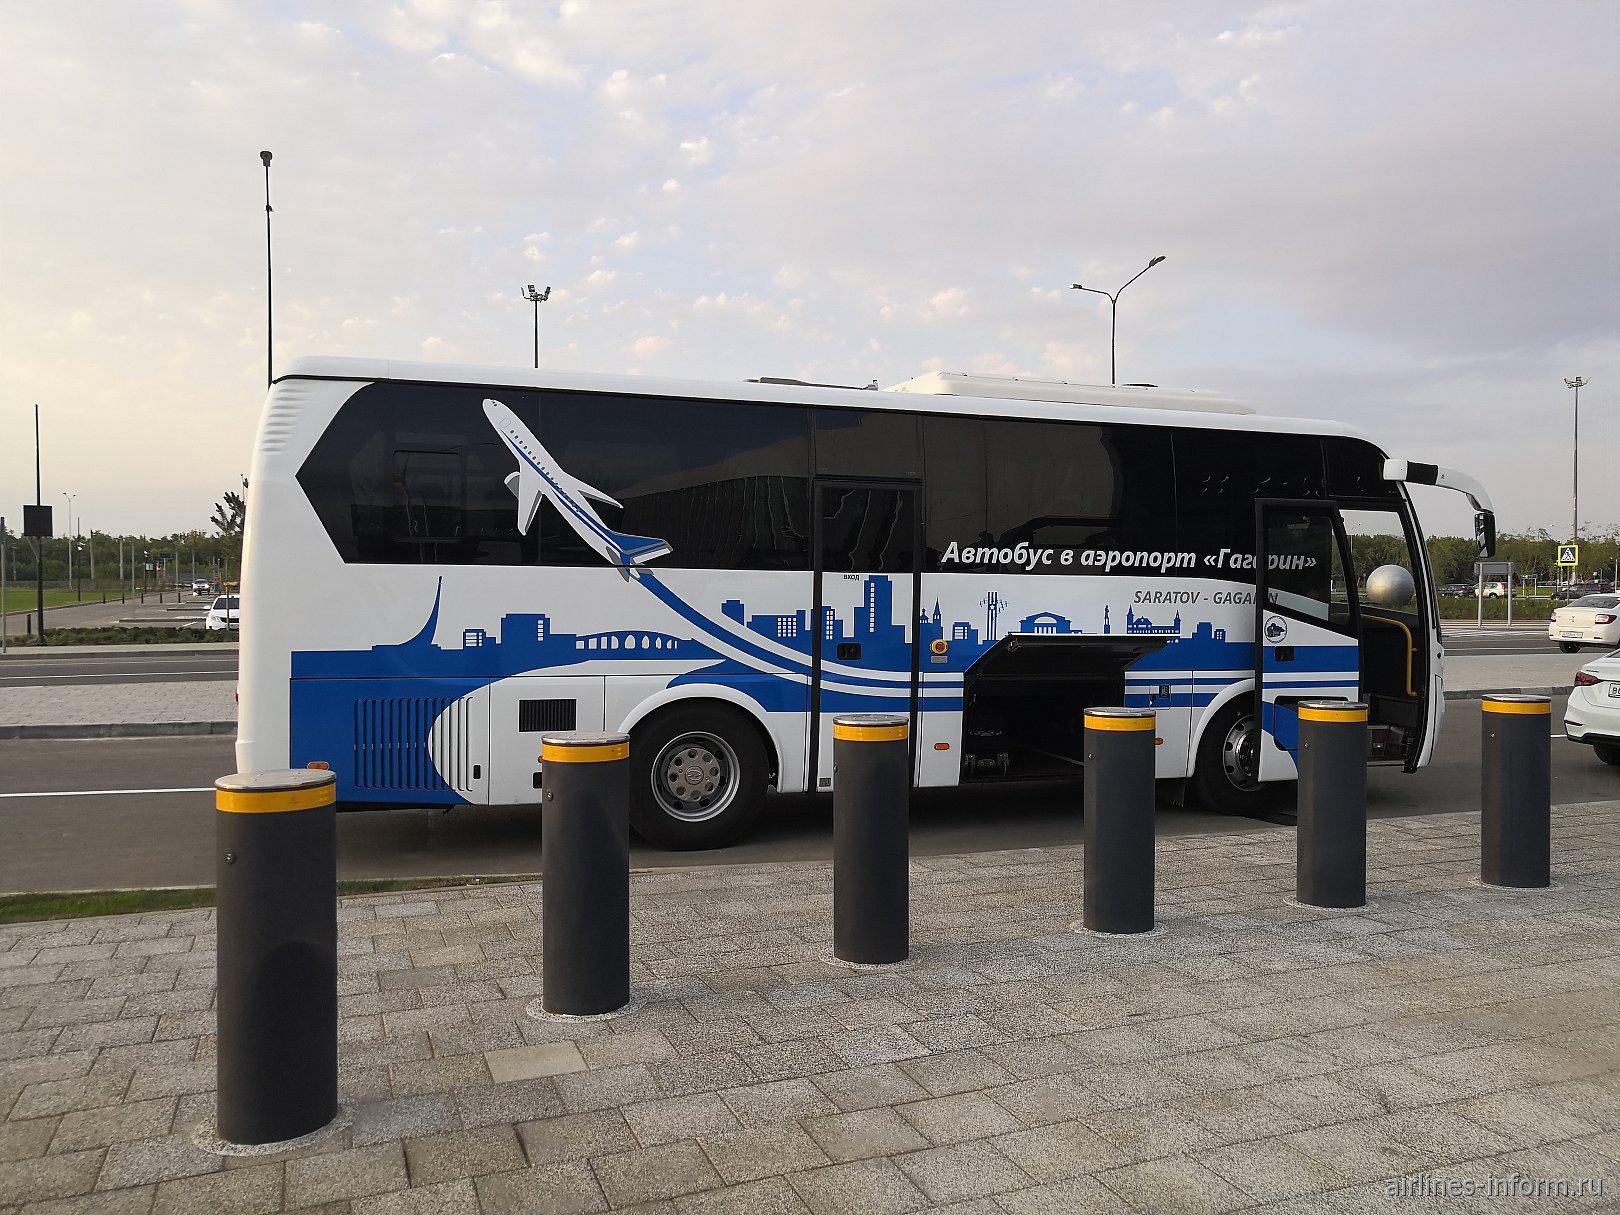 Автобус маршрута 101э, курсирующий между городом Саратов и аэропортом Гагарин